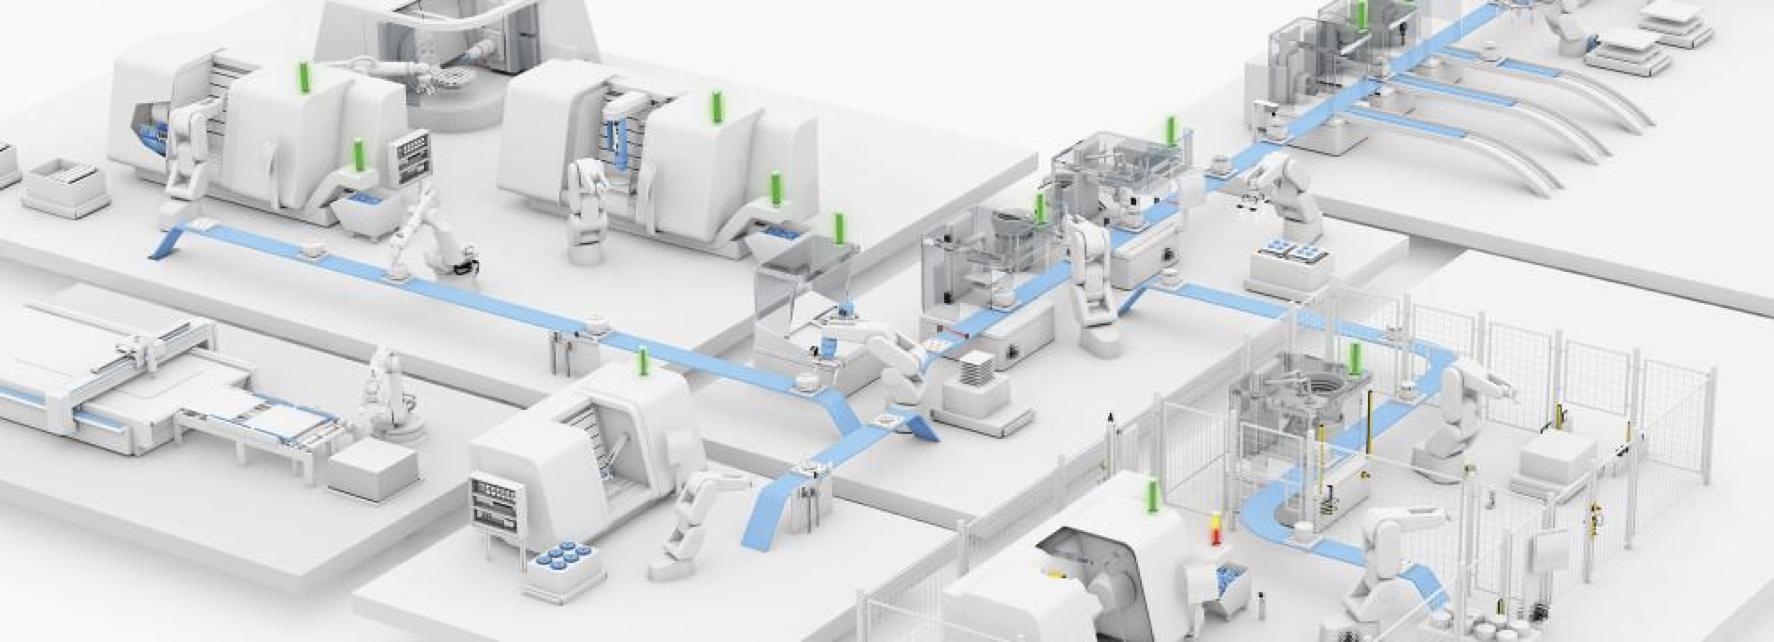 webinar automazione gomma Industriagomma